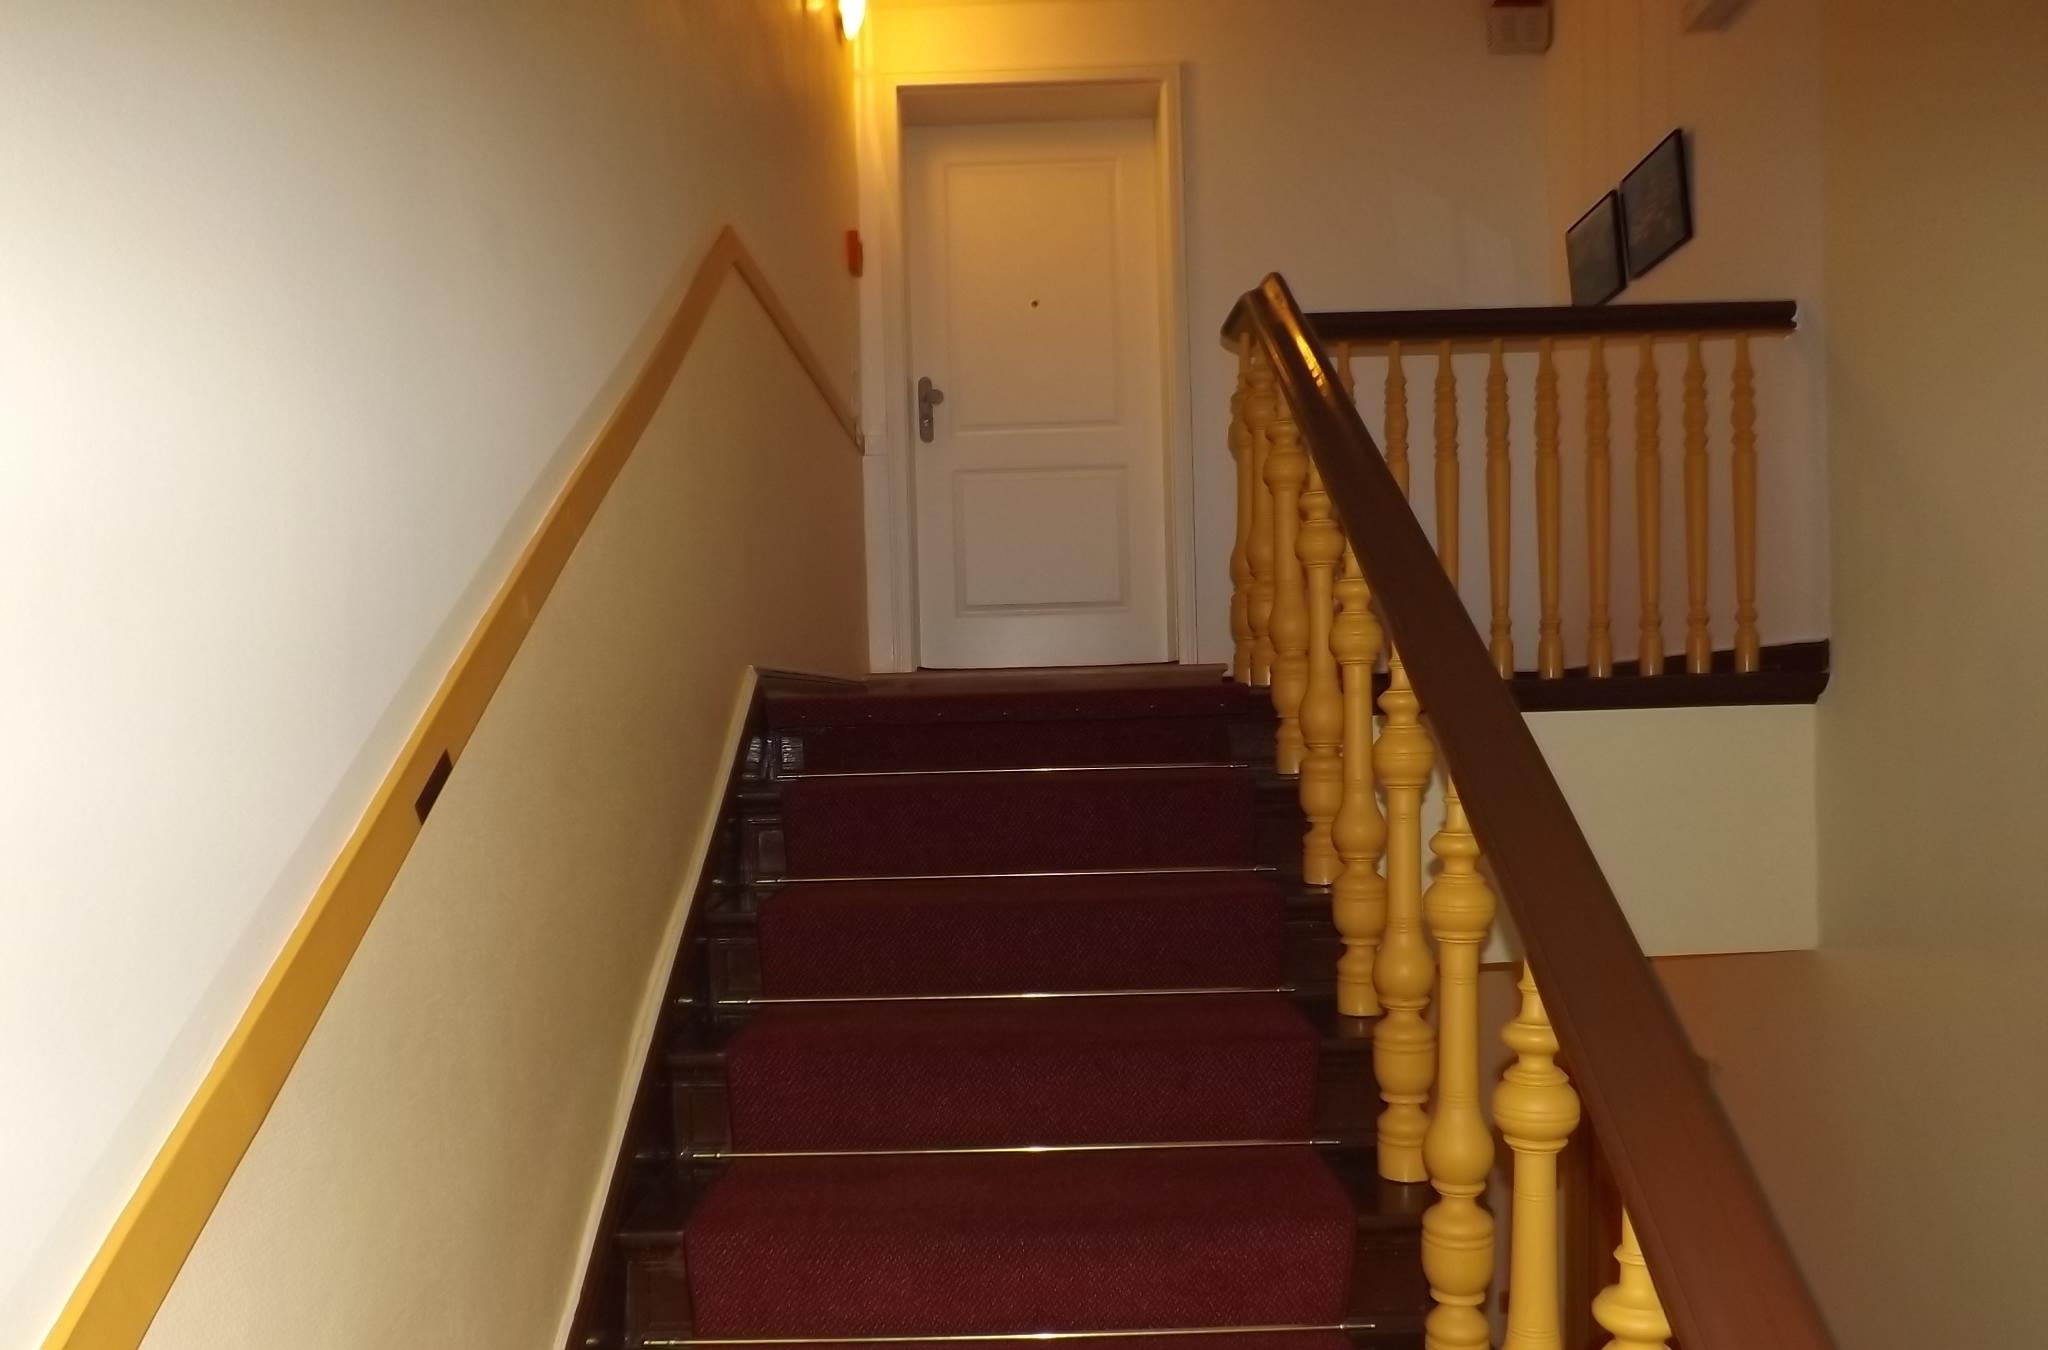 Aufgangsreinigung, Treppenreinigung in Berlin und Umgebung